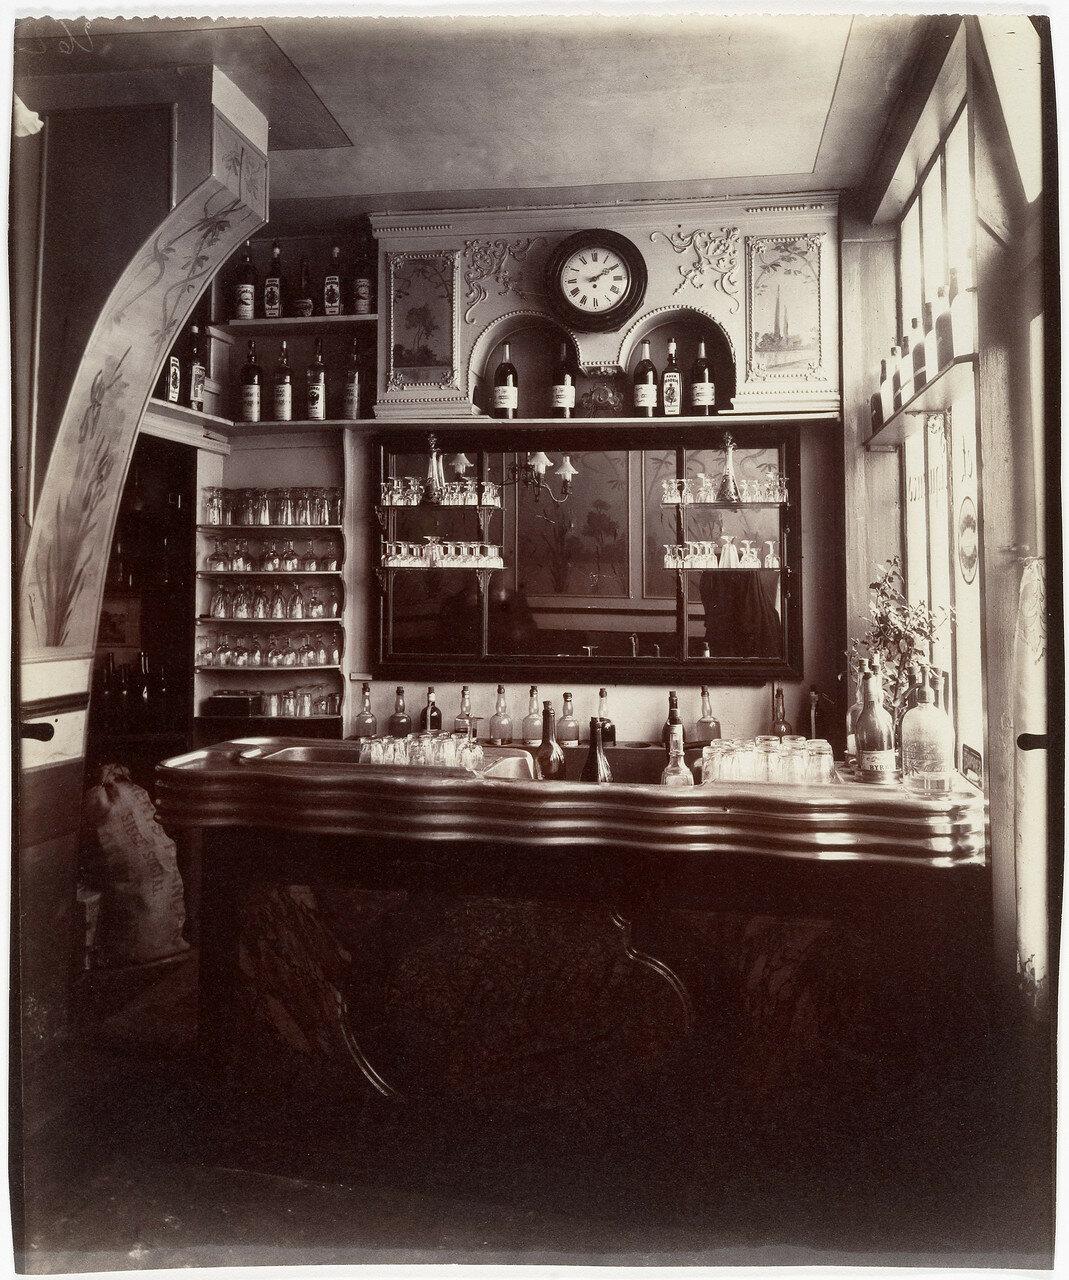 1910. Маленький бар, Рю Бойер, 21